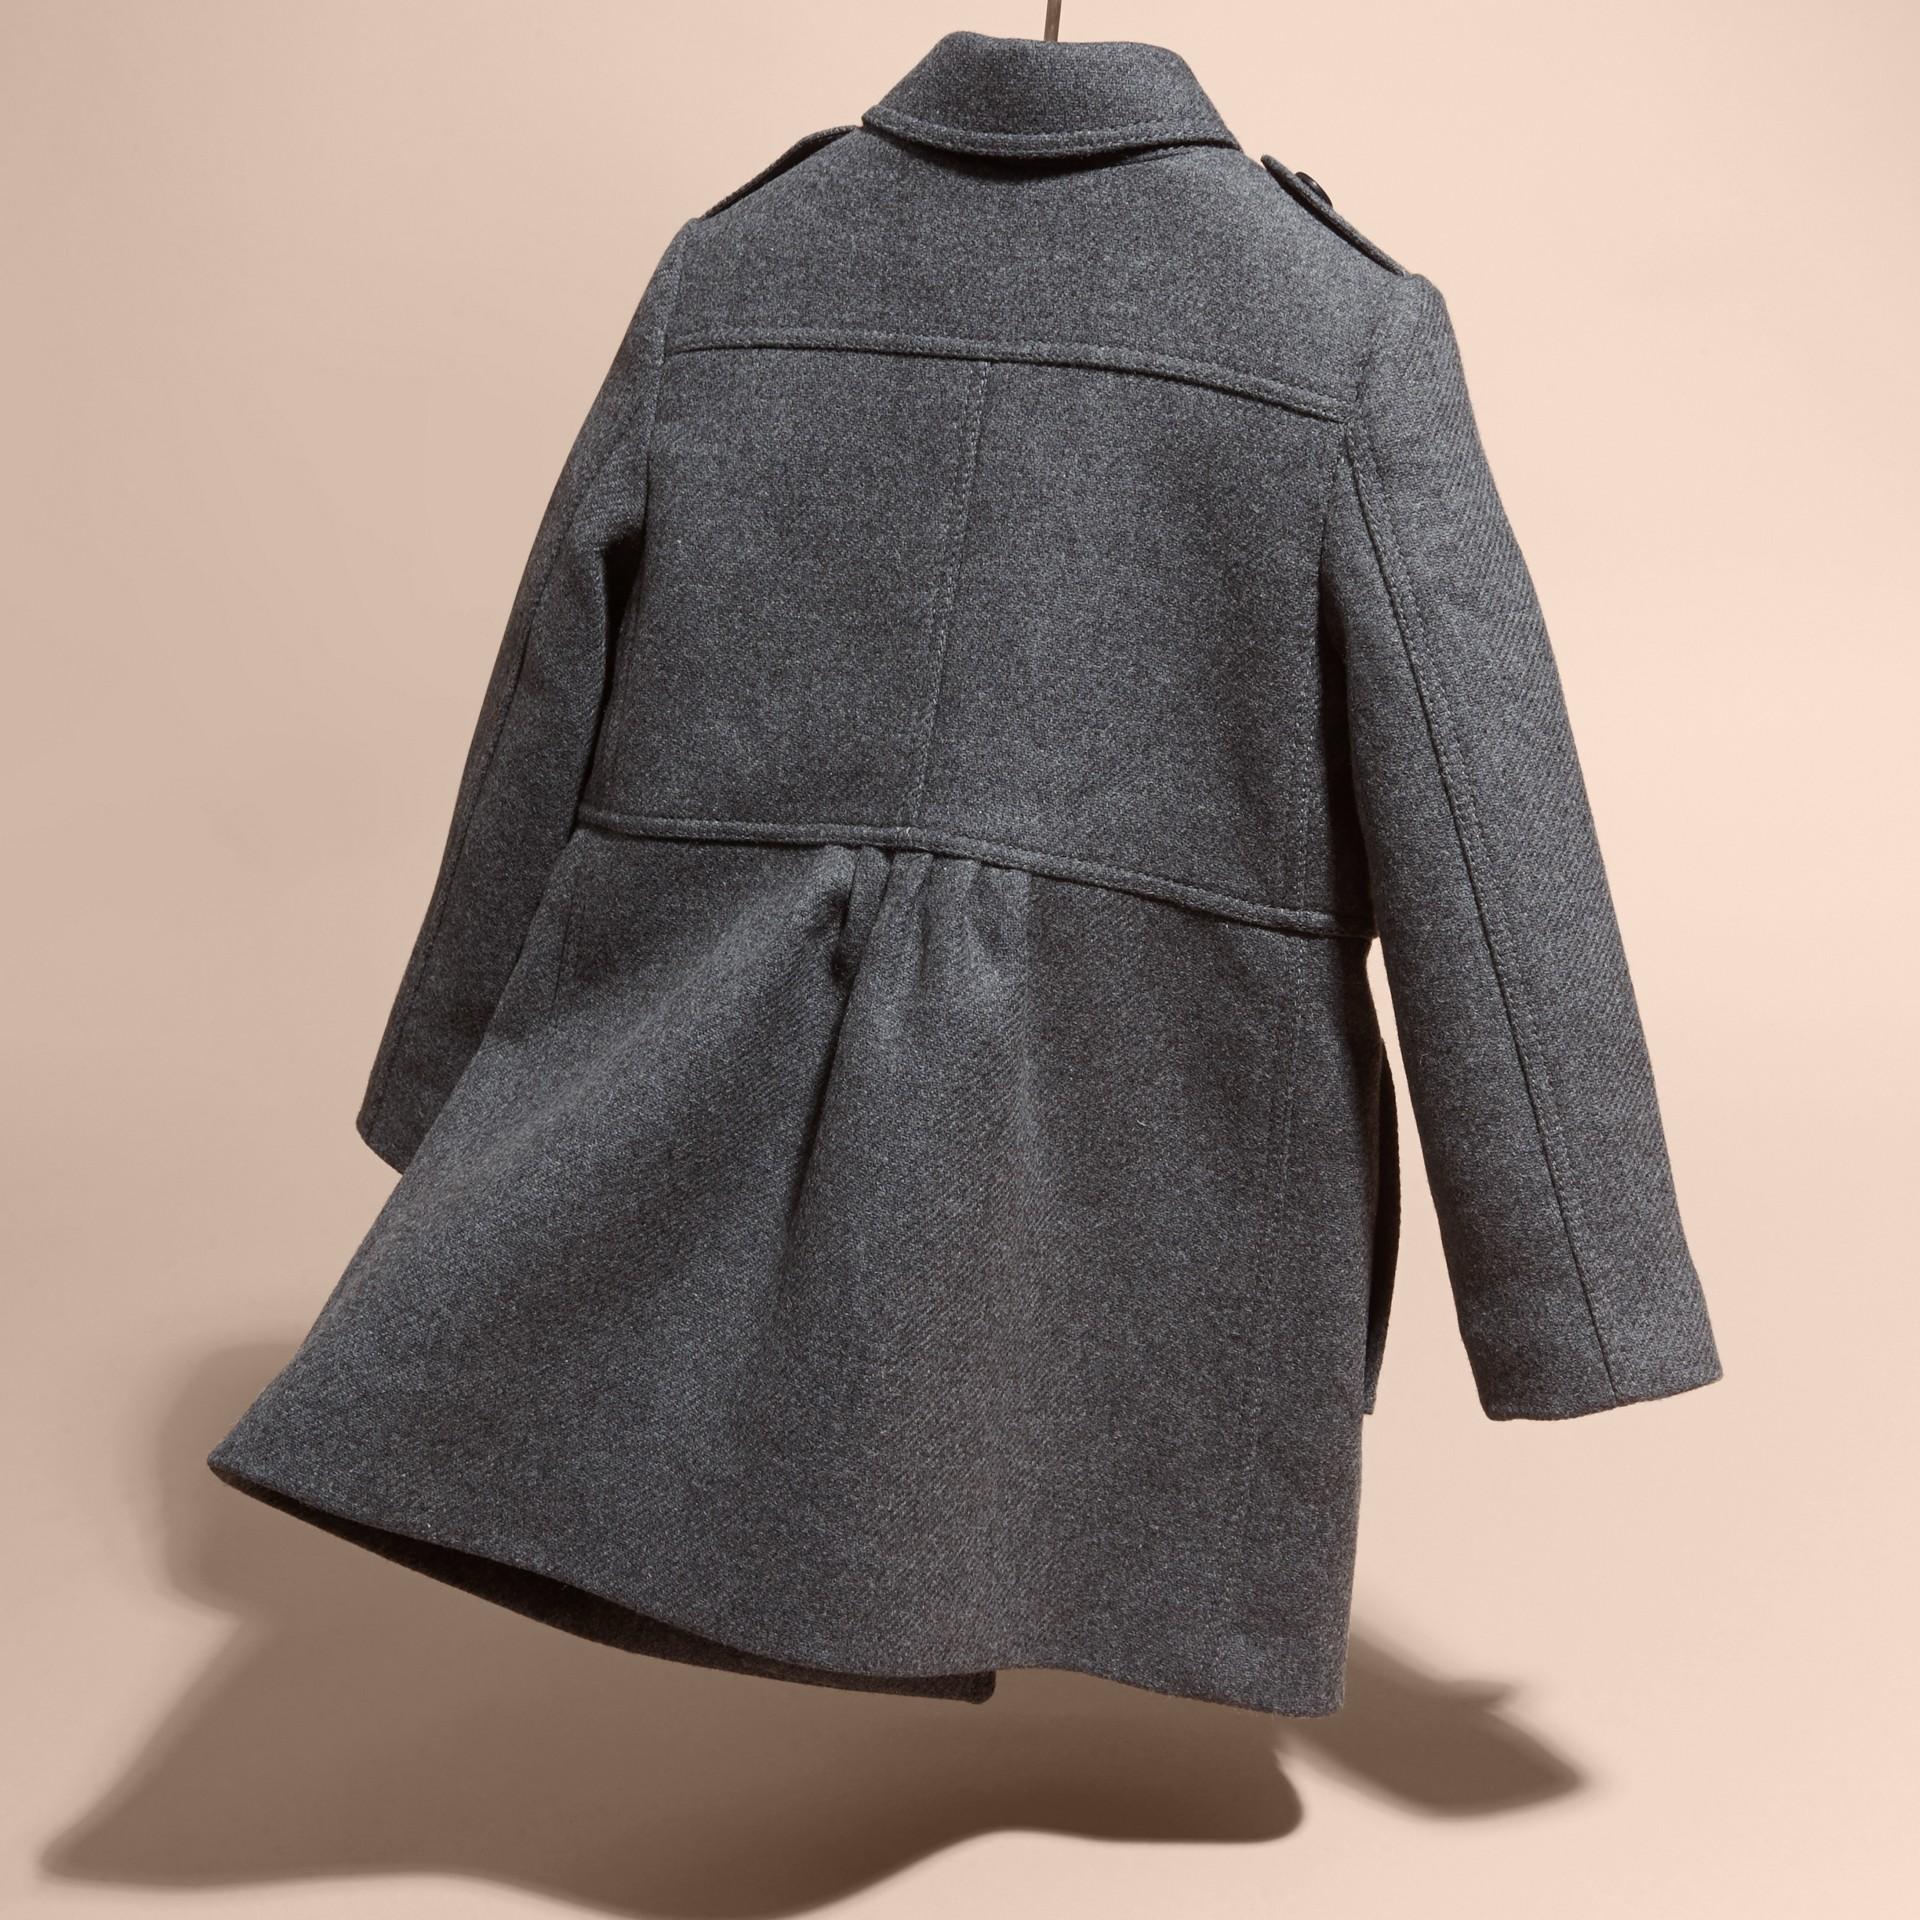 Grigio medio mélange Cappotto sartoriale in misto lana e cashmere Grigio Medio Mélange - immagine della galleria 4